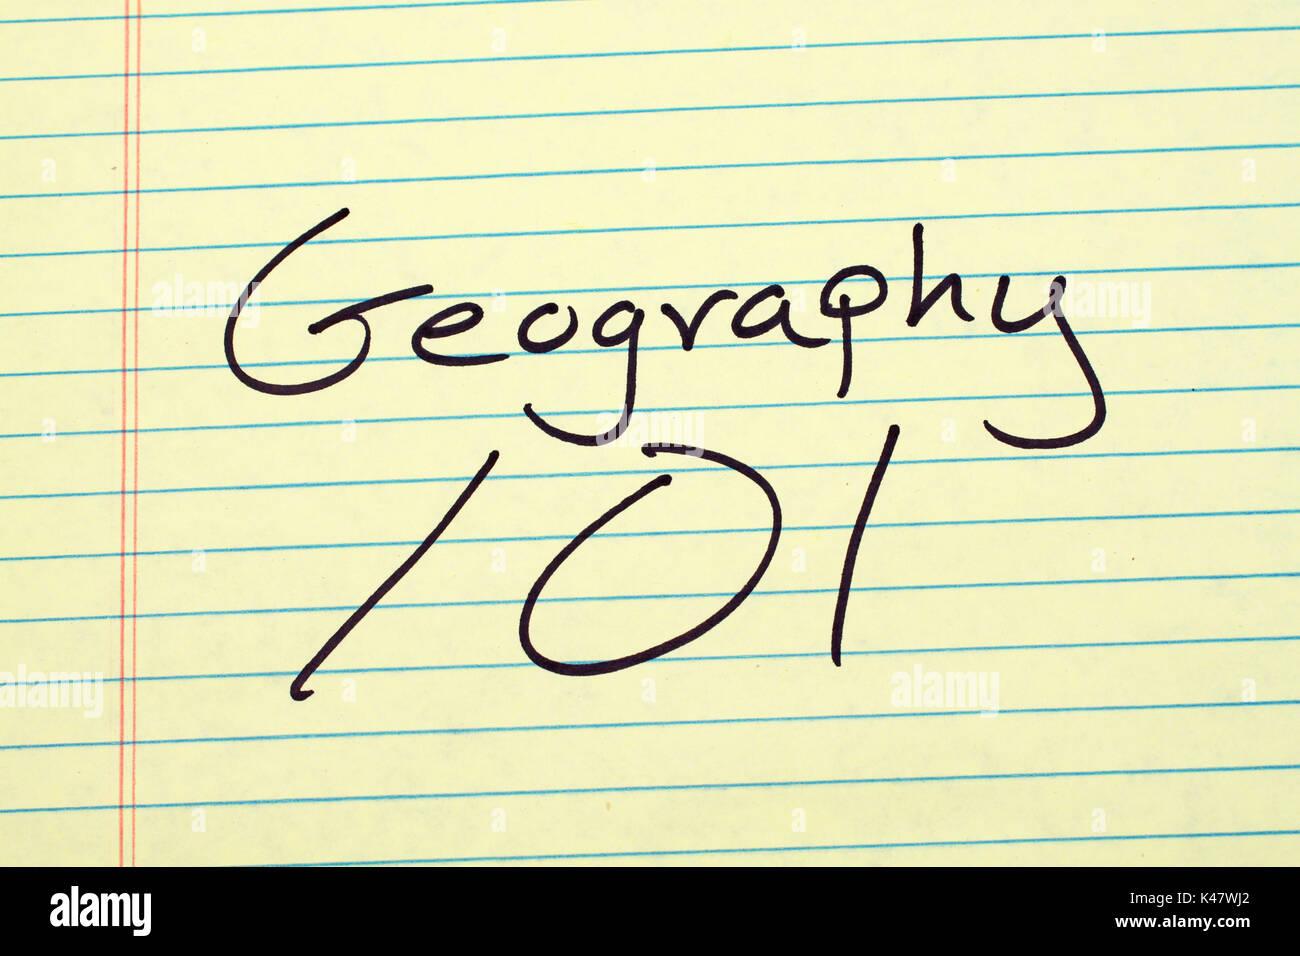 Les mots '101' géographie sur un tampon juridique jaune Photo Stock